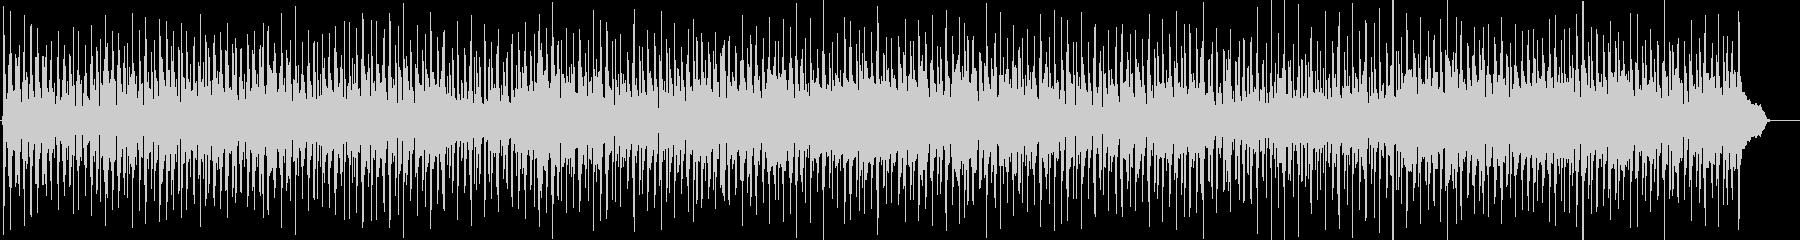 アーシーな90sロックBECKプライマルの未再生の波形